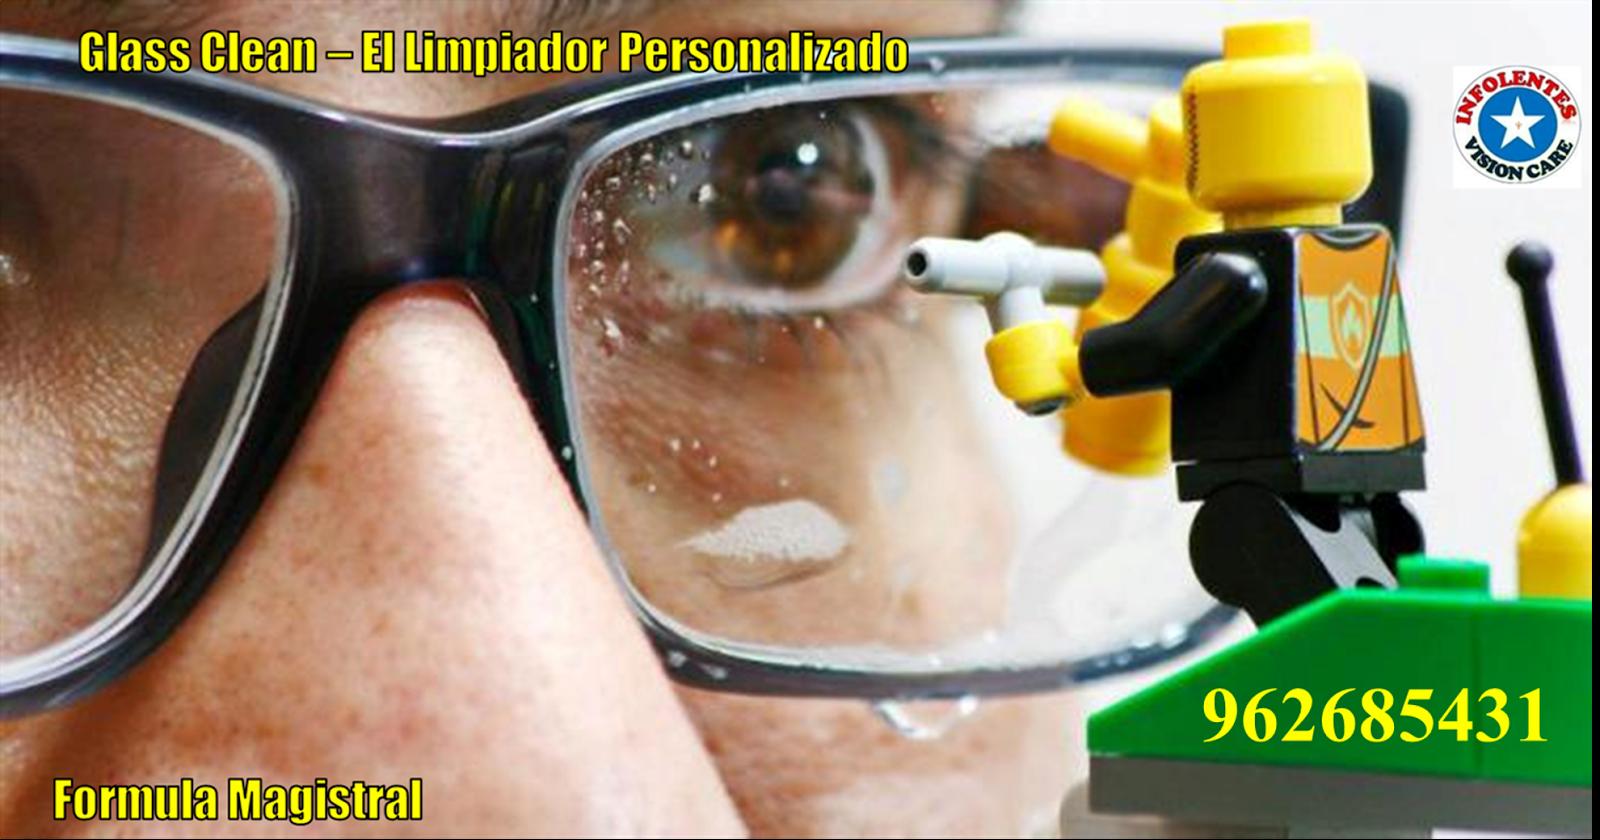 VENTAS RPC 987-766-206 / 962-685-431